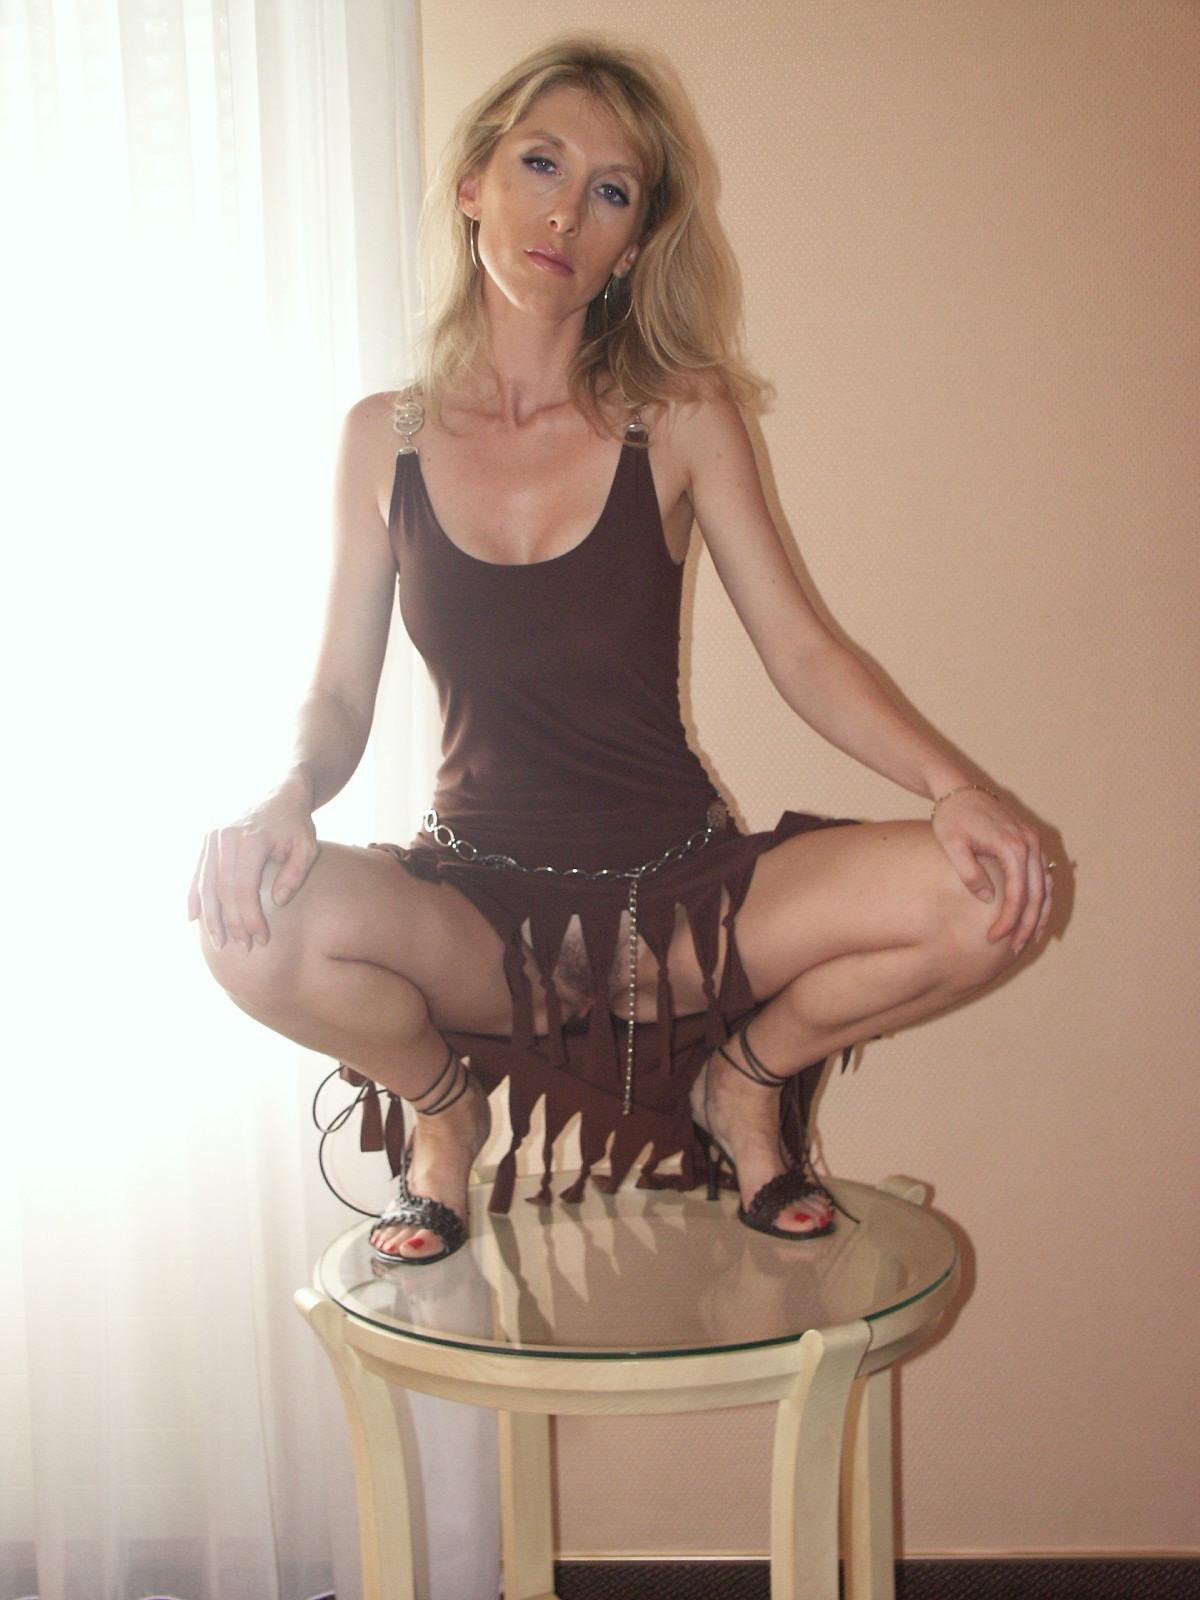 Самые разнообразные барышни растопыривают ножки на камеру, лишь бы посветить своей вагиной